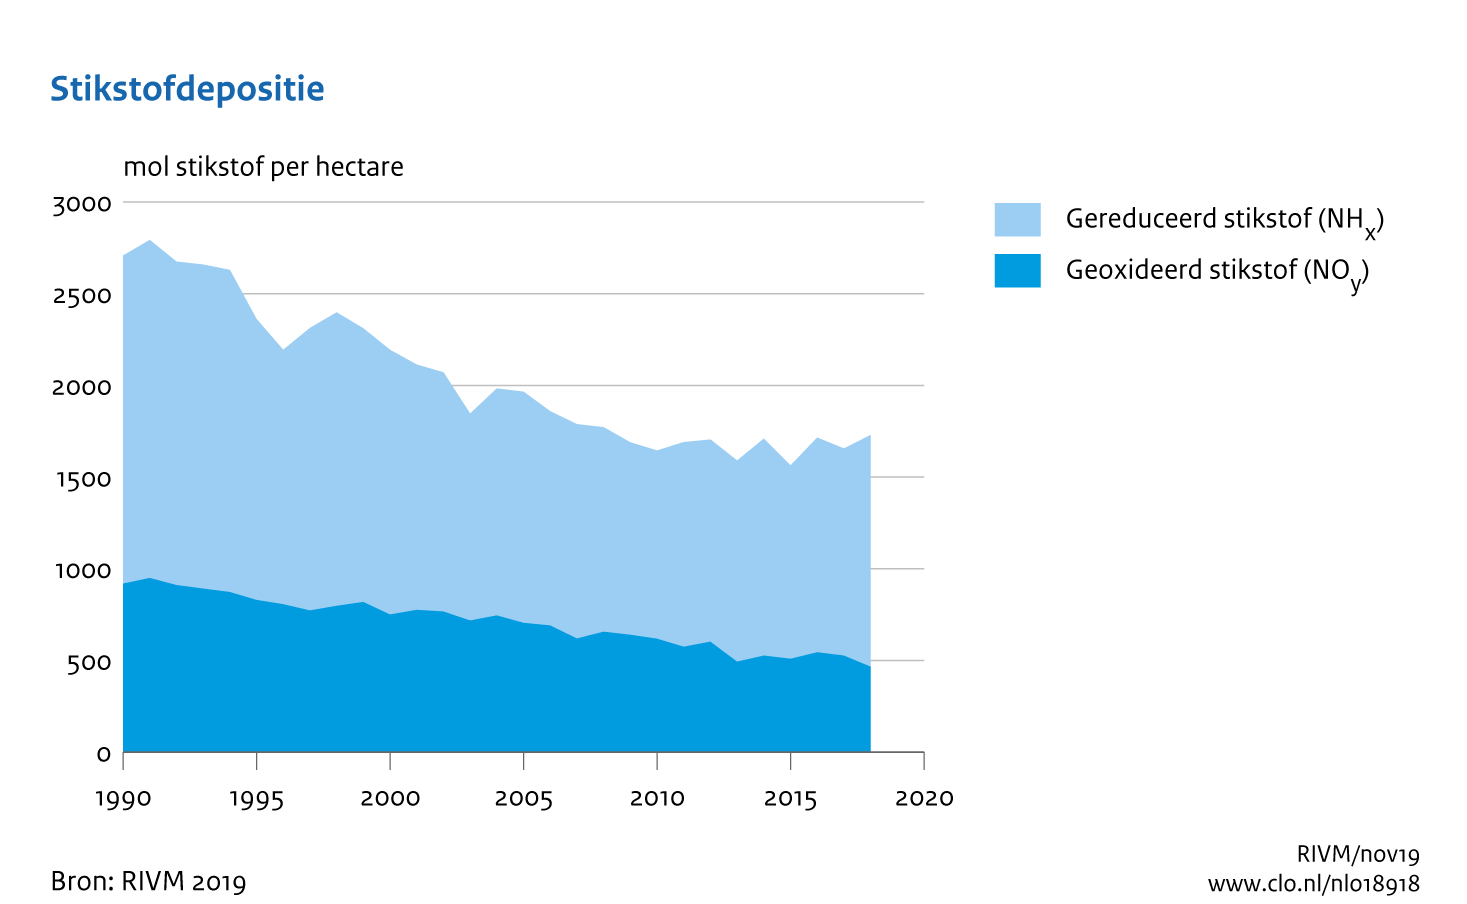 stikstofonderzoek.nl wat is stikstofdepositie grafiek2